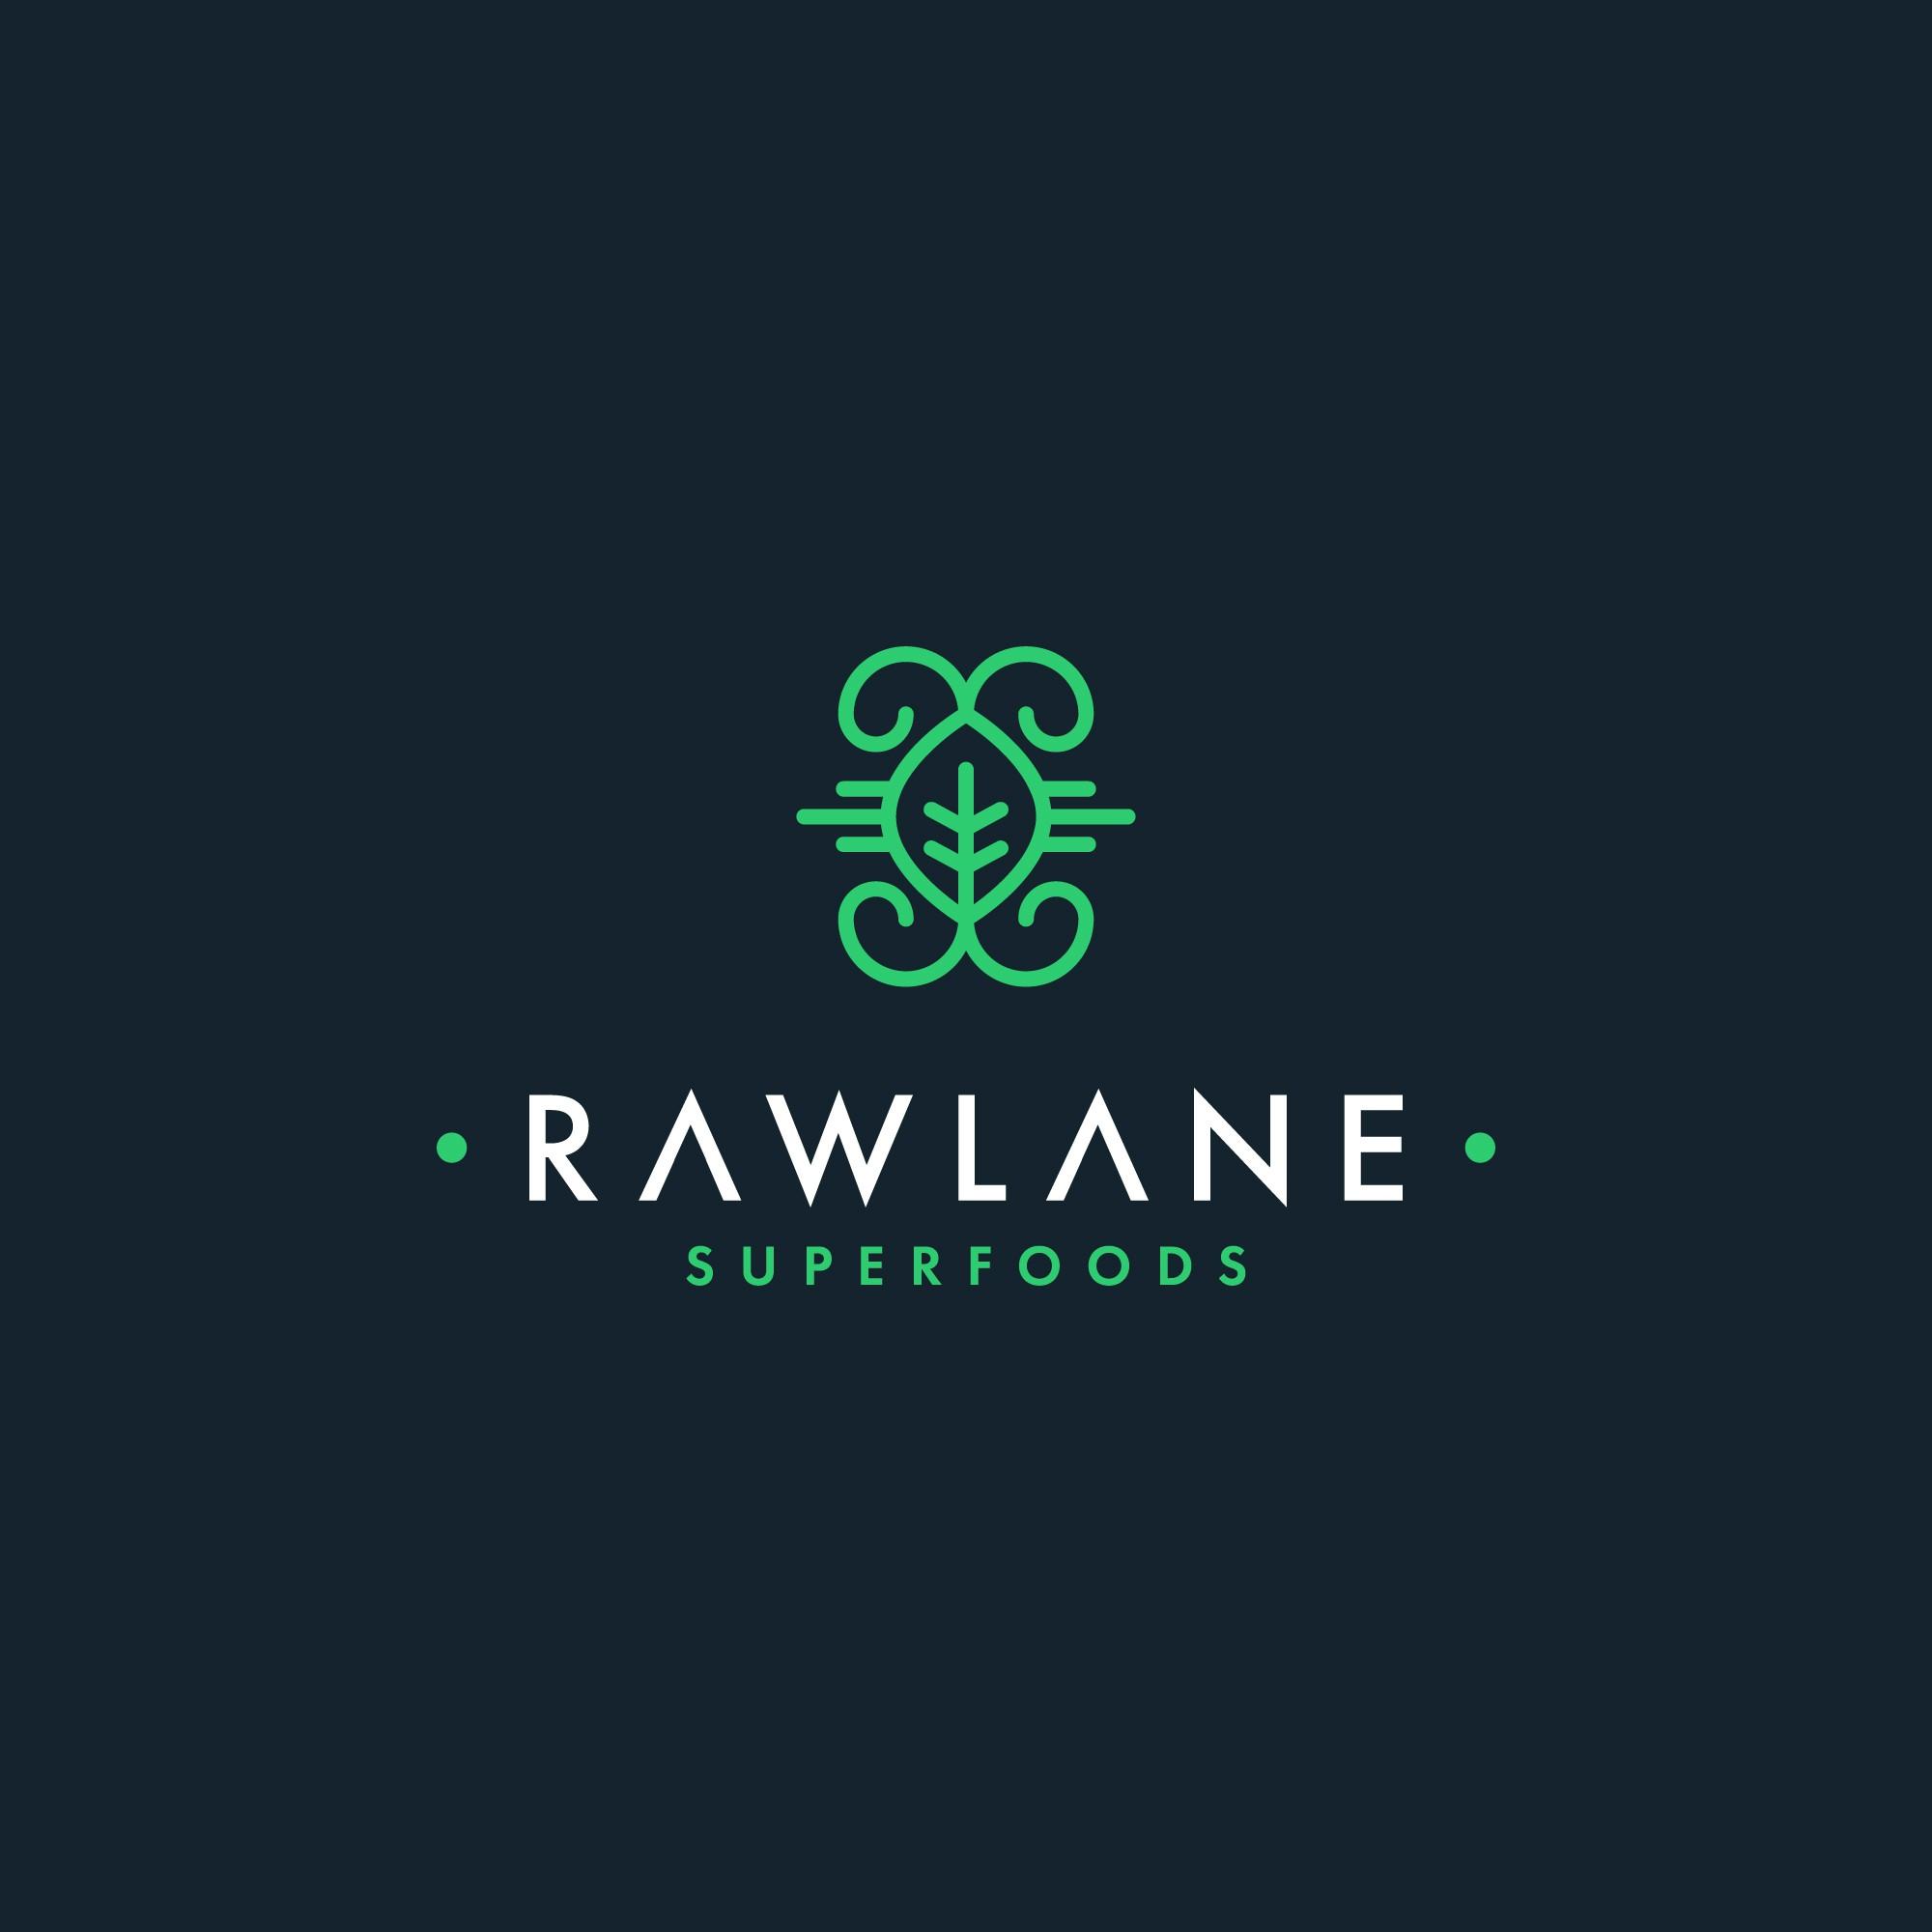 Rawlane braucht ein aussagekräftiges, hochwertiges Logo